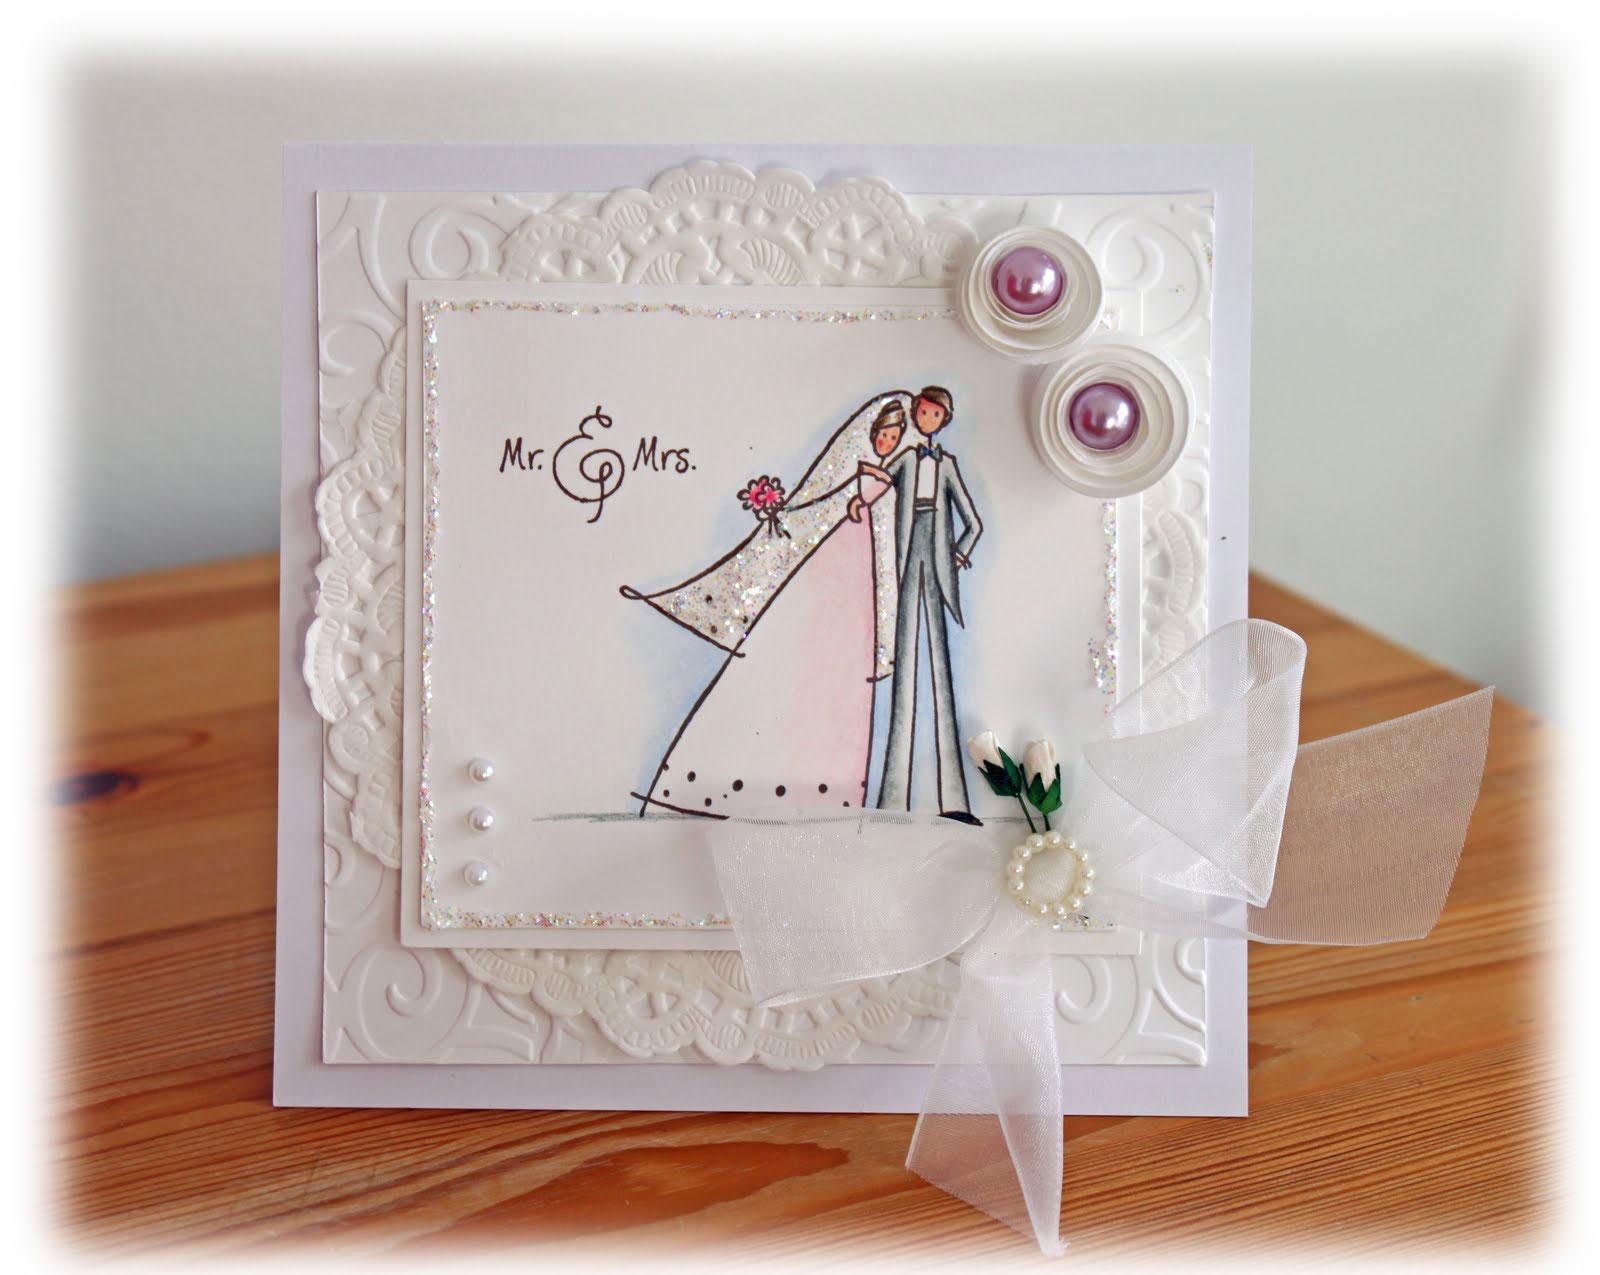 Thiệp cưới đẹp màu trắng hoa văn nổi cầu kỳ